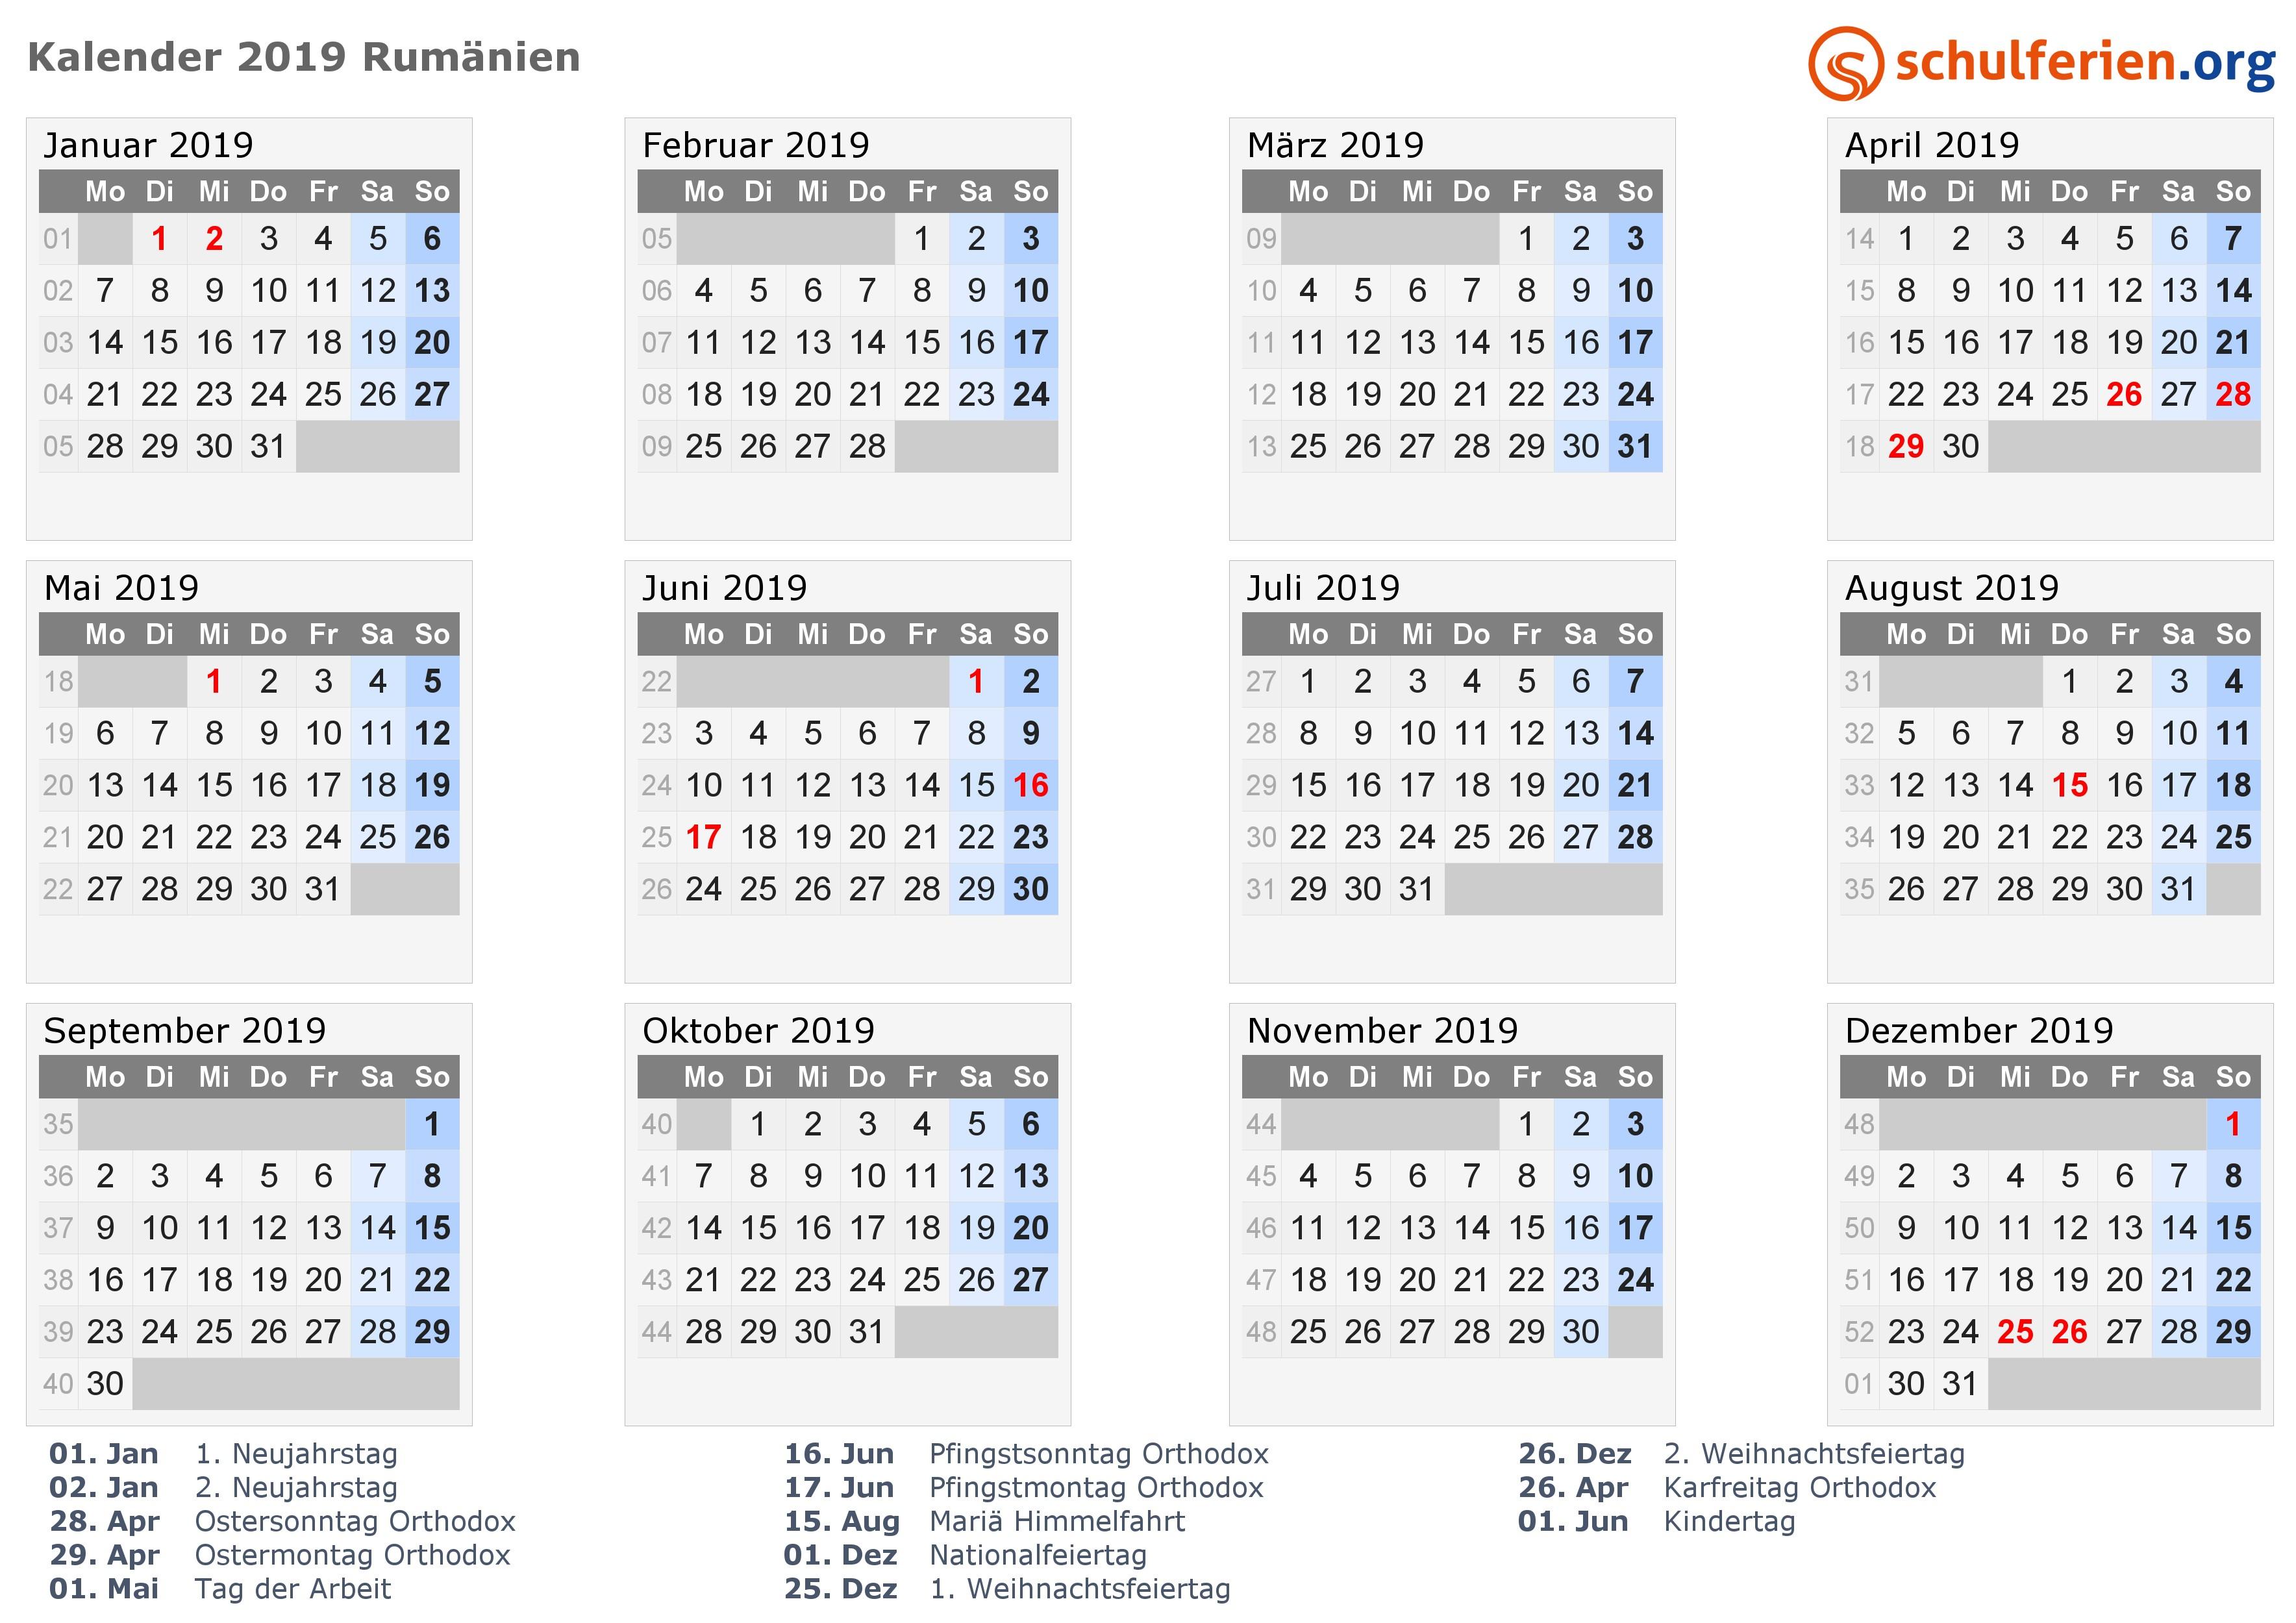 Kalender 2019 Rumänien mit Feiertagen